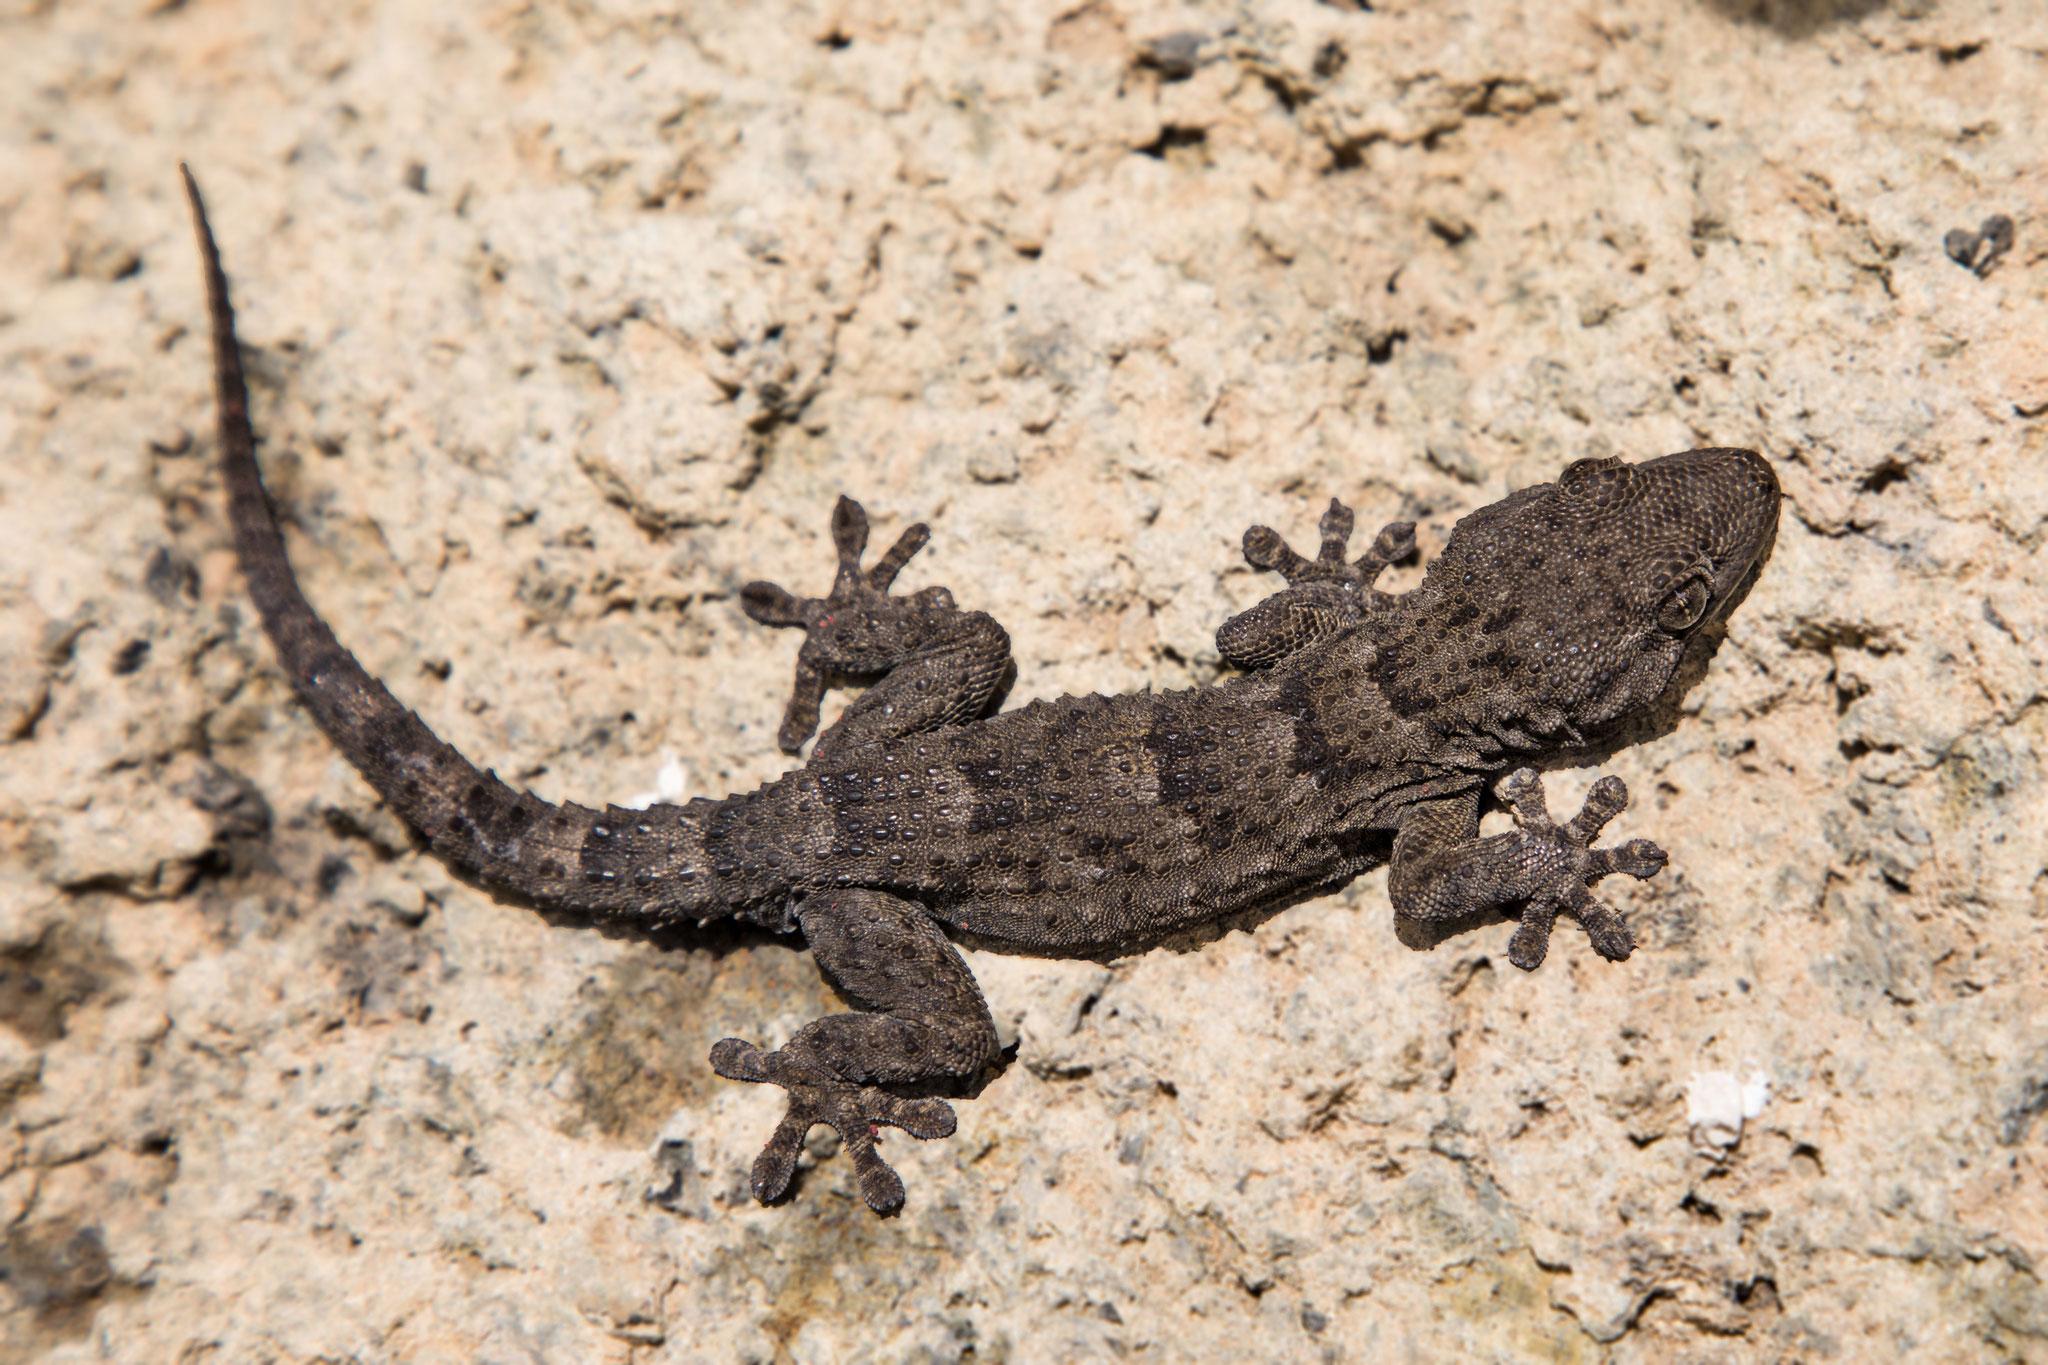 Teneriffa-Gecko (Tarentola delalandii)